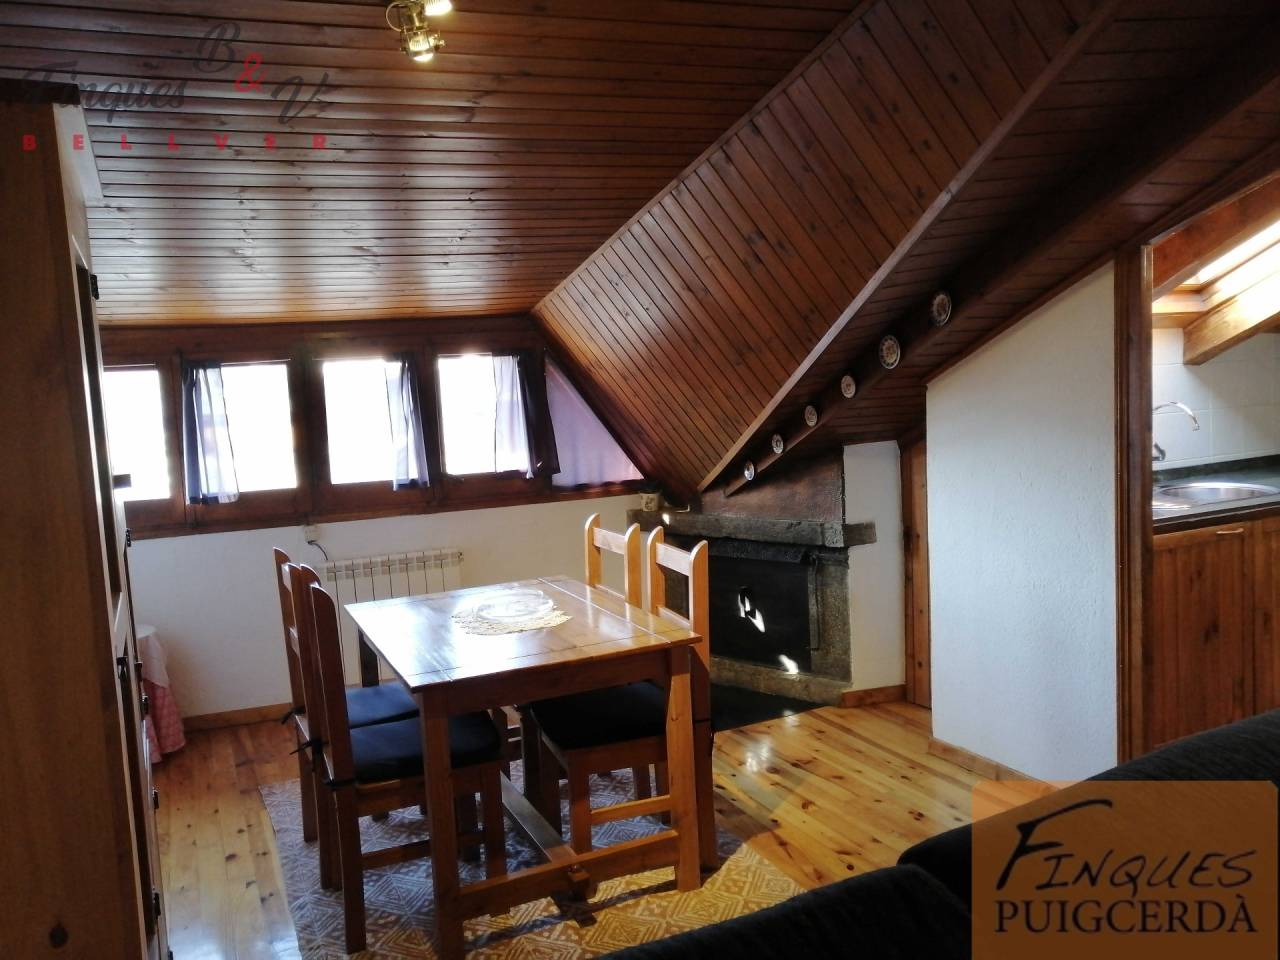 Lloguer Pis  Calle pere sicard. Altura piso 3º, piso superficie total 90 m², superficie útil 85